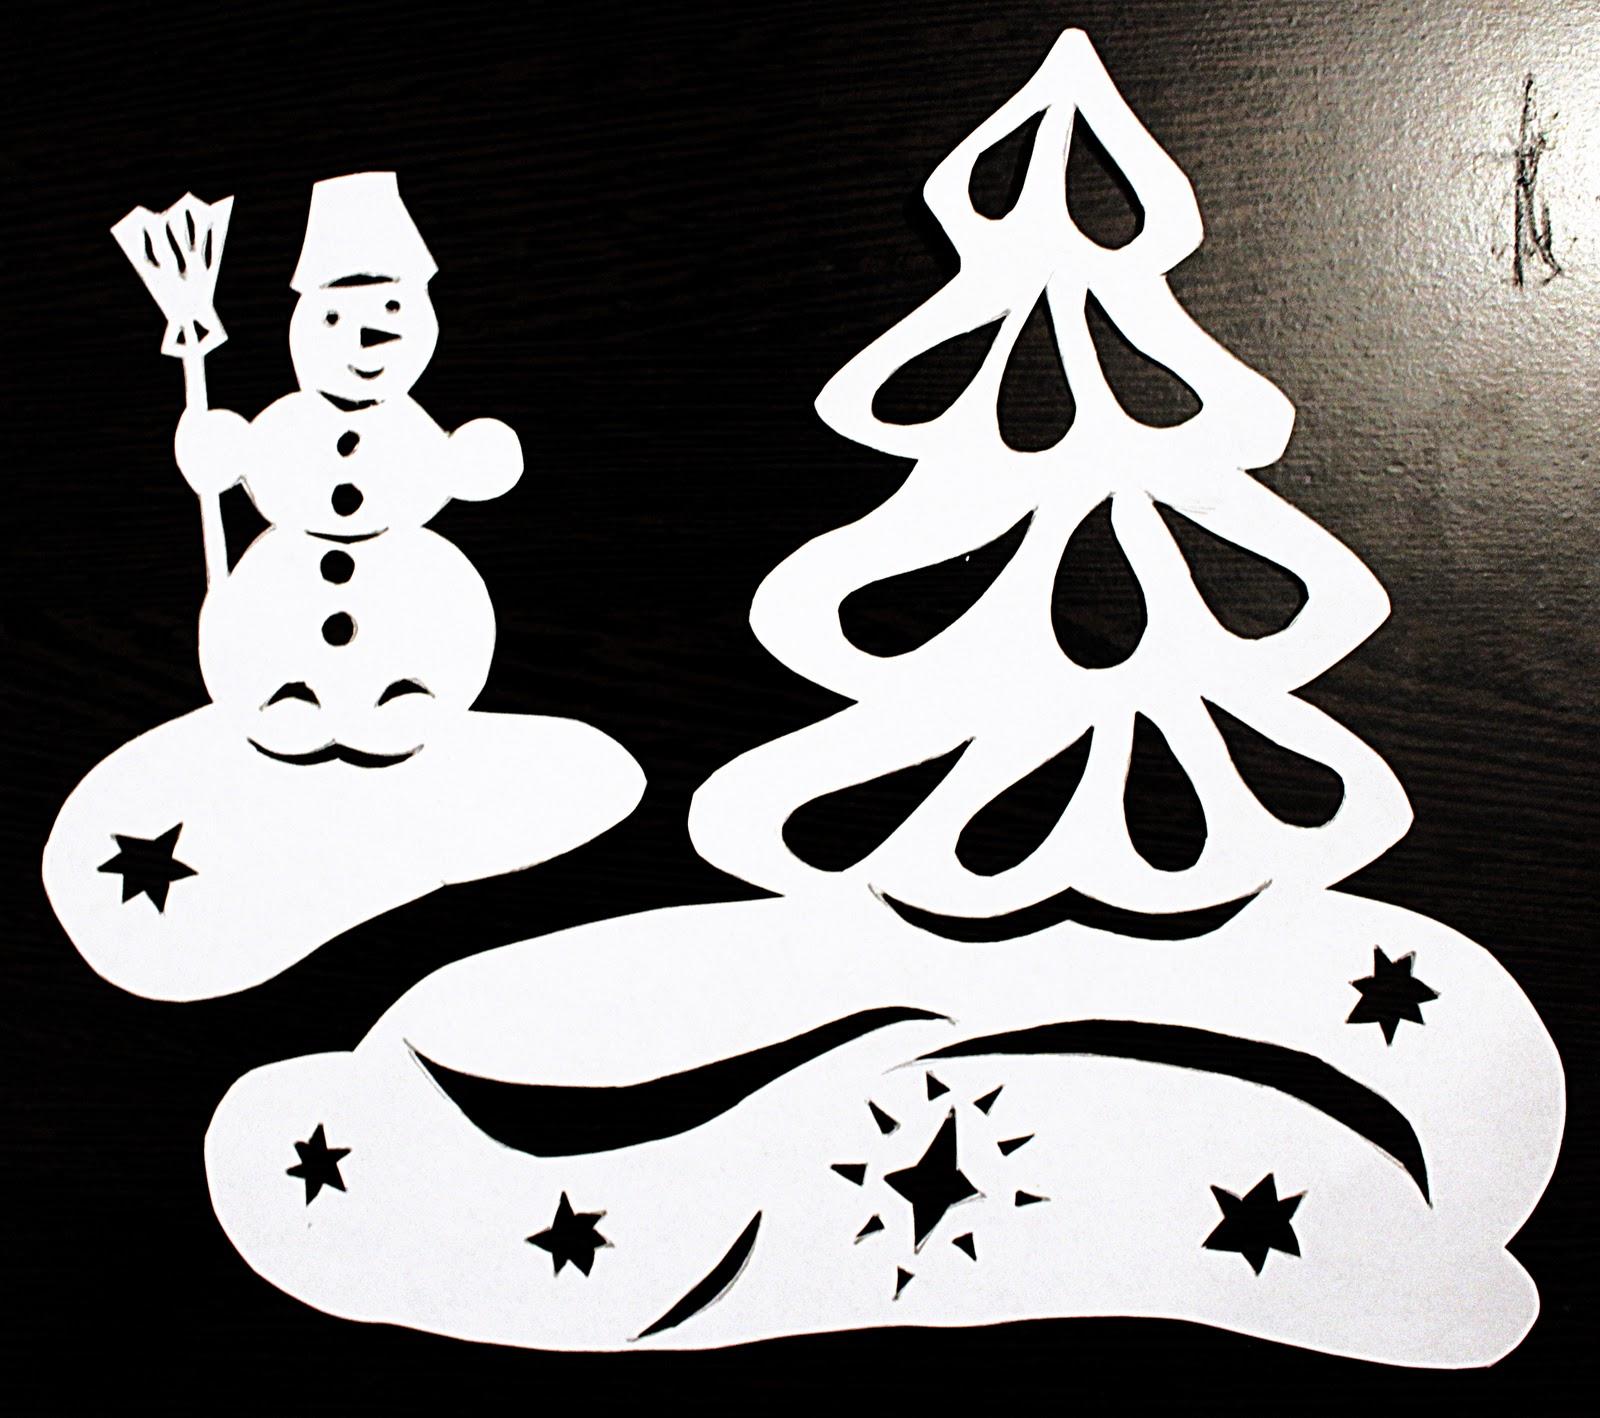 Для новогоднего украшения окон можно использовать специальные наклейки